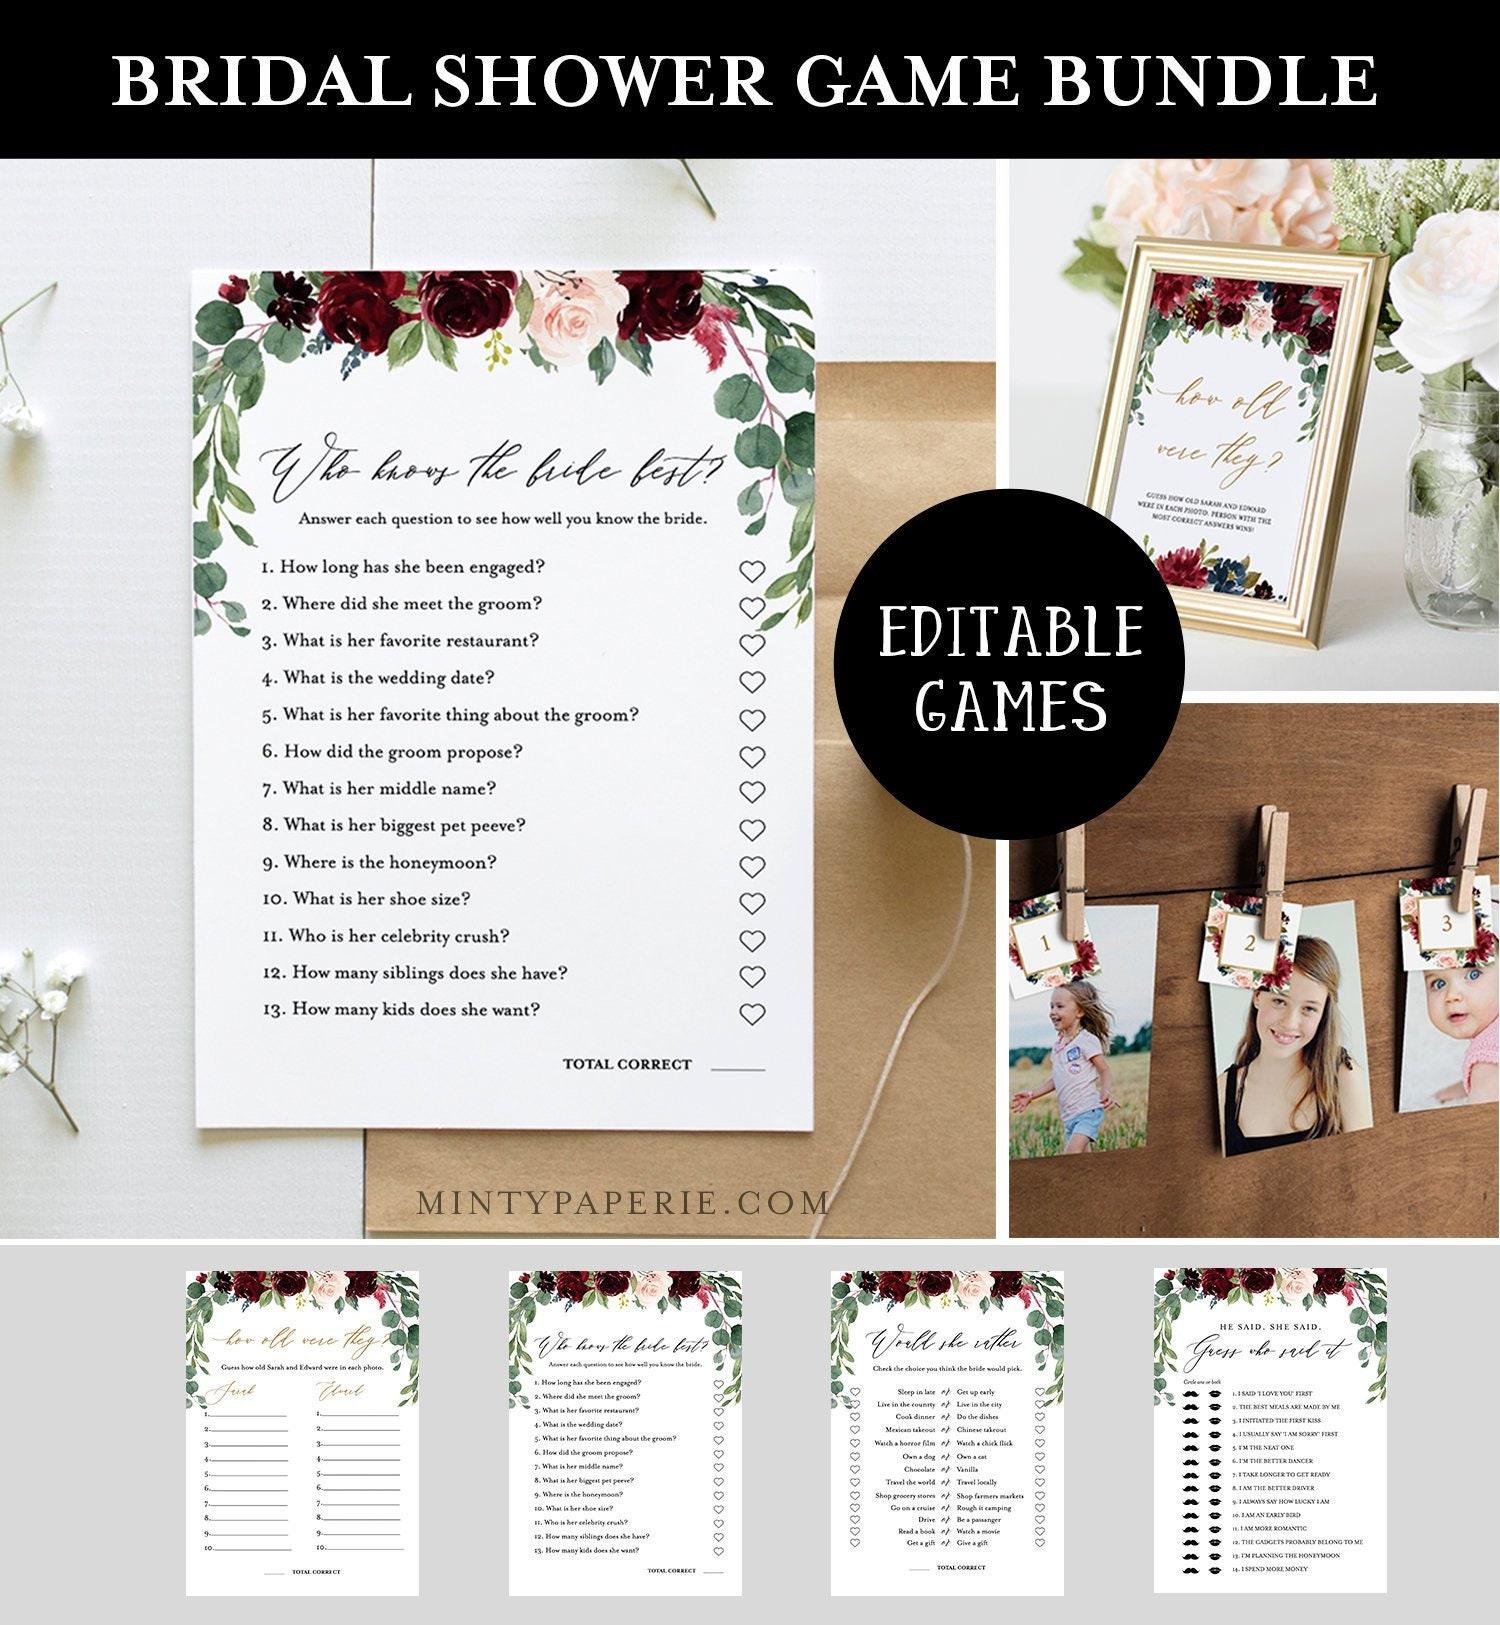 Bridal Shower Game Bundle, Editable Games, INSTANT